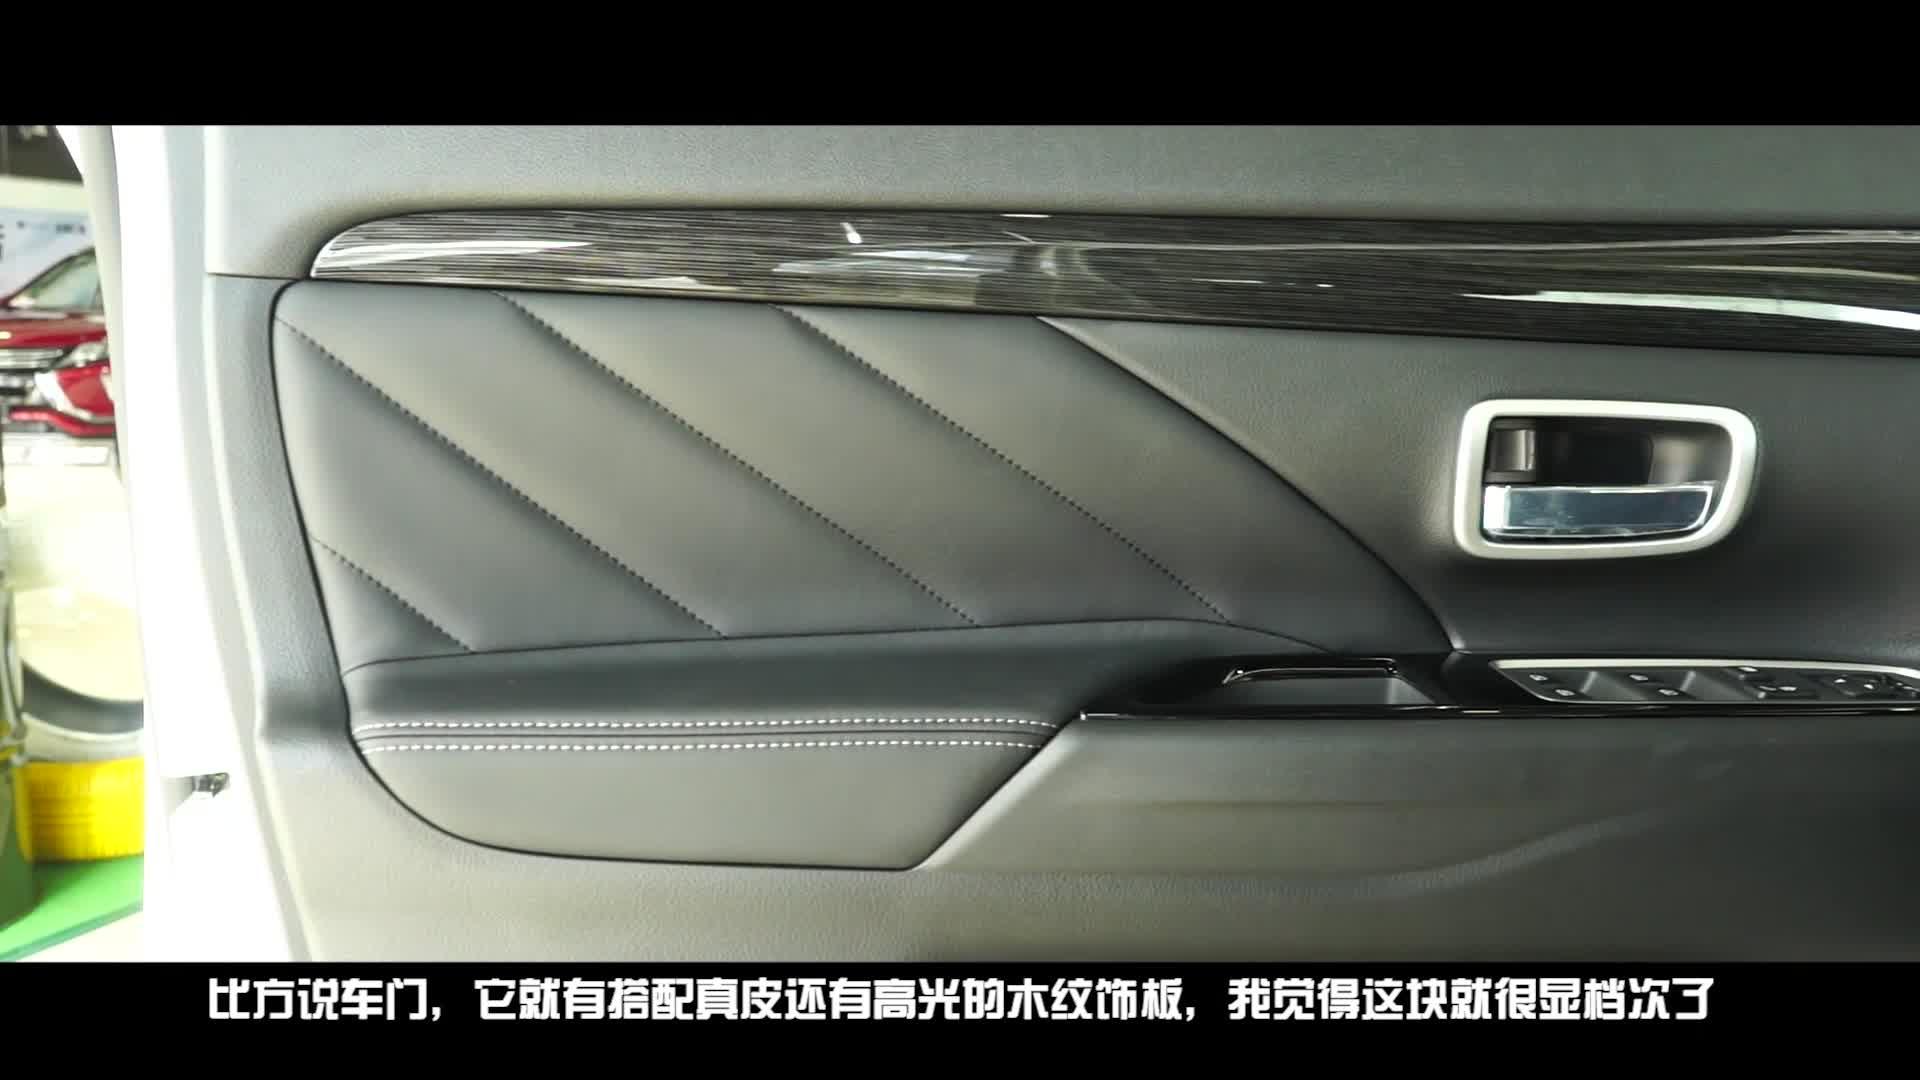 [买车课]与海外版同步进行升级 广汽三菱新欧蓝德购车